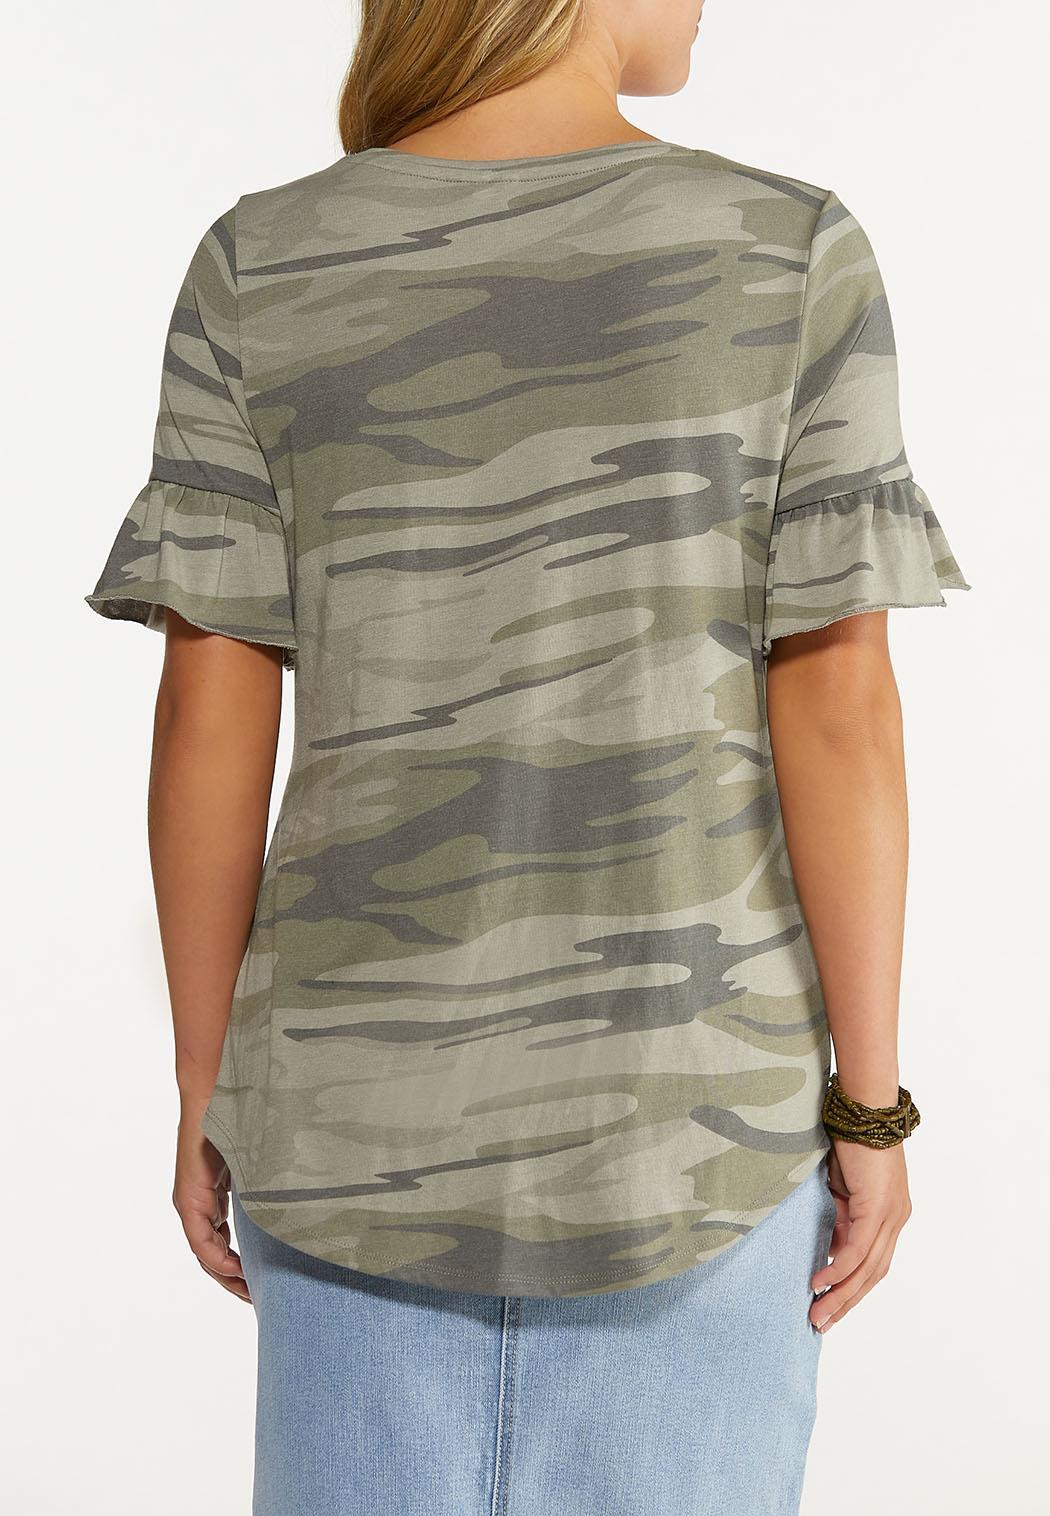 Camo Ruffled Sleeve Tee (Item #44640254)